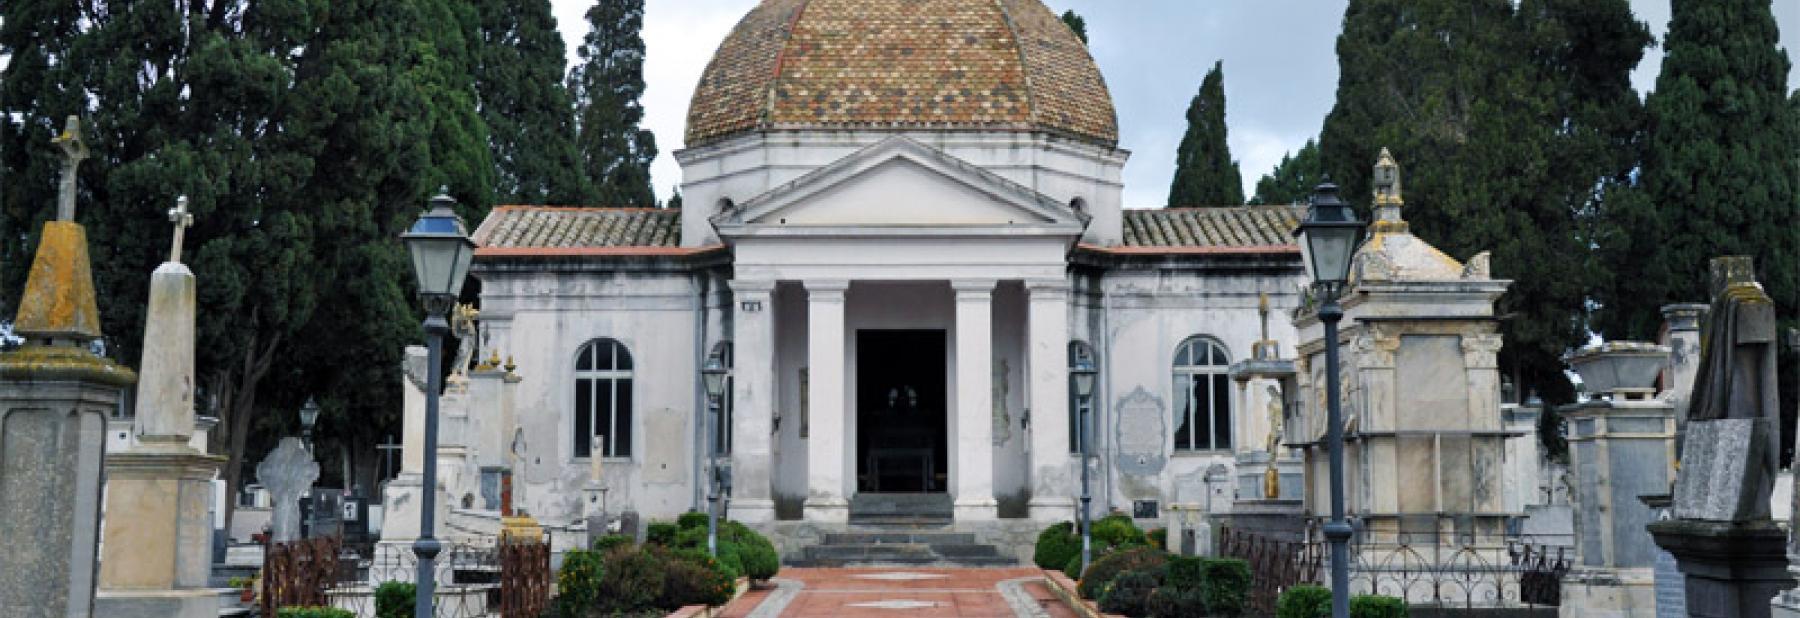 Cimitero vecchio, Serramanna